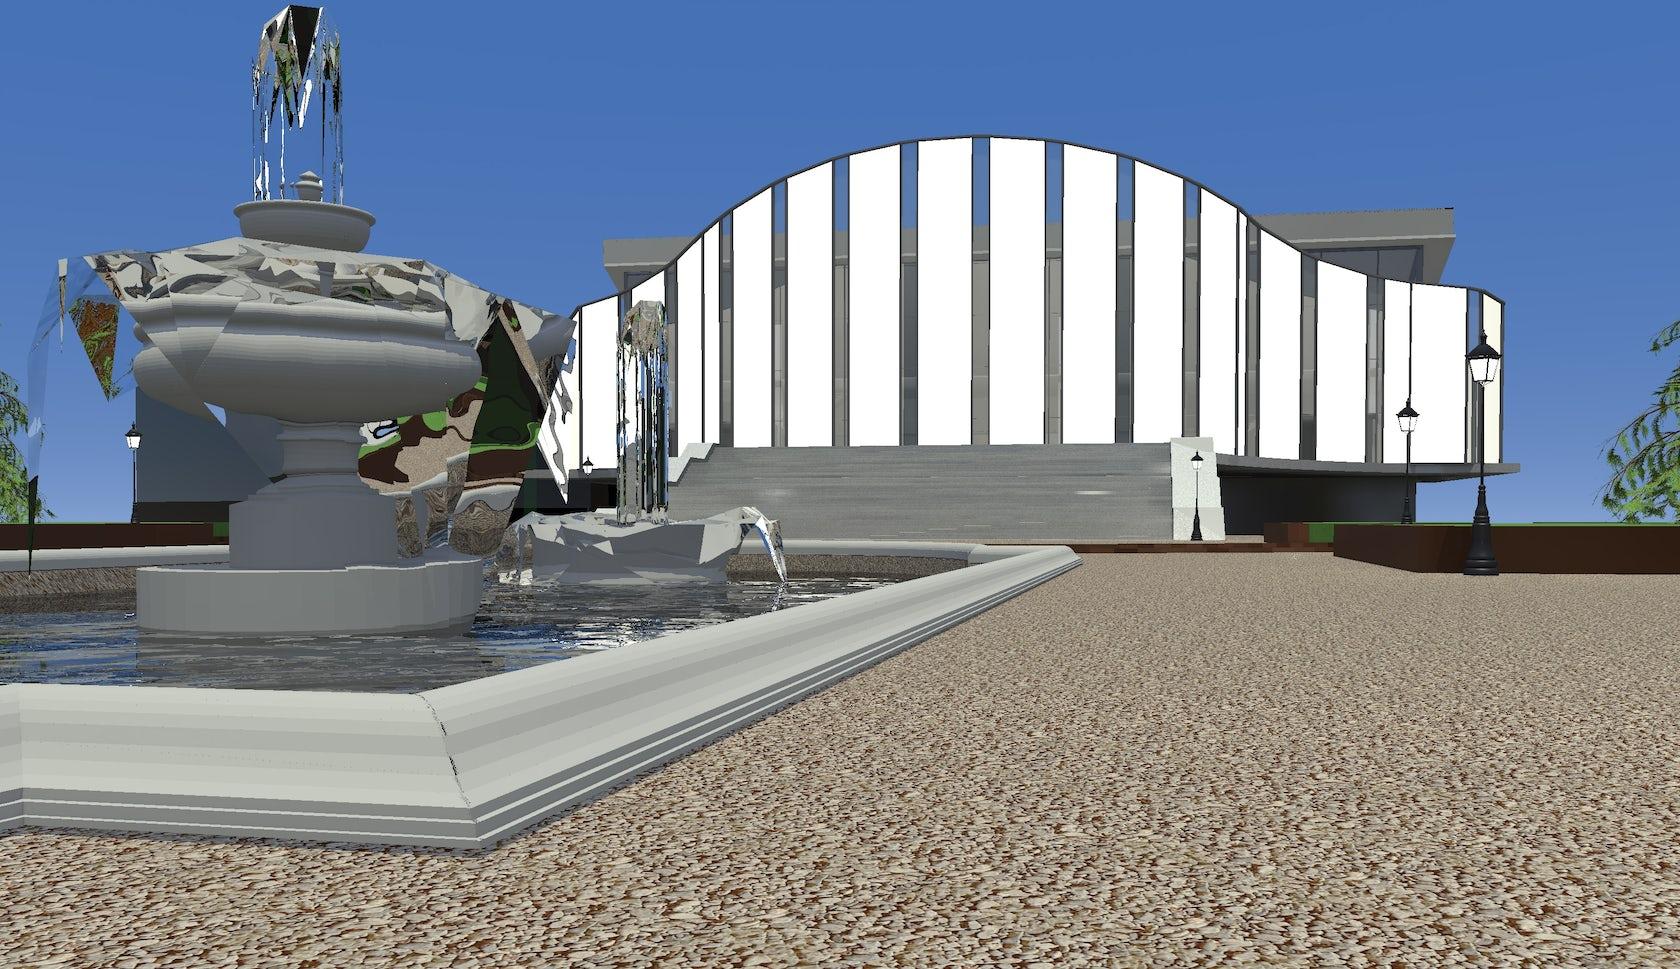 Politecnico di milano facolt di architettura architizer for Interior design politecnico di milano